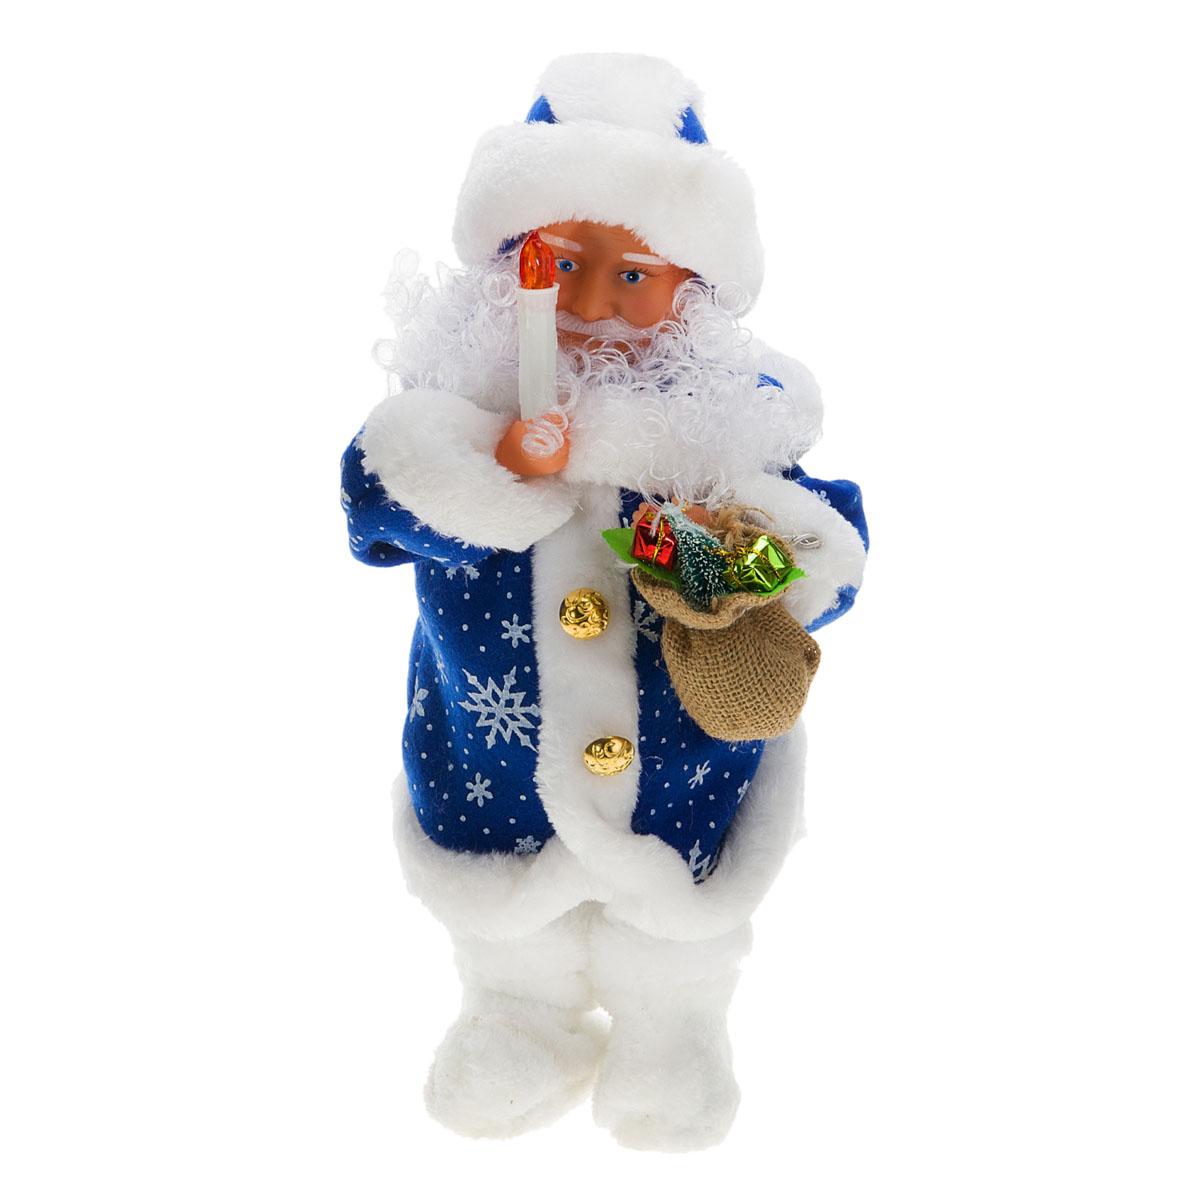 Новогодняя декоративная фигурка Sima-land Дед Мороз, анимированная, высота 38 см. 827806827806Новогодняя декоративная фигурка выполнена из высококачественного пластика в виде Деда Мороза. Дед Мороз одет в шубу с опушкой, украшенную снежинками, штаны и меховые валенки. На голове шапка в цвет шубы. В одной руке Дед Мороз держит свечку, а в другой мешок с подарками. Особенностью фигурки является наличие механизма, при включении которого Дед Мороз говорит поздравления и поет песенку, свечка светится, а голова и руки куклы начинают двигаться. Его добрый вид и очаровательная улыбка притягивают к себе восторженные взгляды. Декоративная фигурка Дед Мороз подойдет для оформления новогоднего интерьера и принесет с собой атмосферу радости и веселья. УВАЖАЕМЫЕ КЛИЕНТЫ! Обращаем ваше внимание на тот факт, что декоративная фигурка работает от трех батареек типа АА/UM3 напряжением 1,5V. Батарейки в комплект не входят.